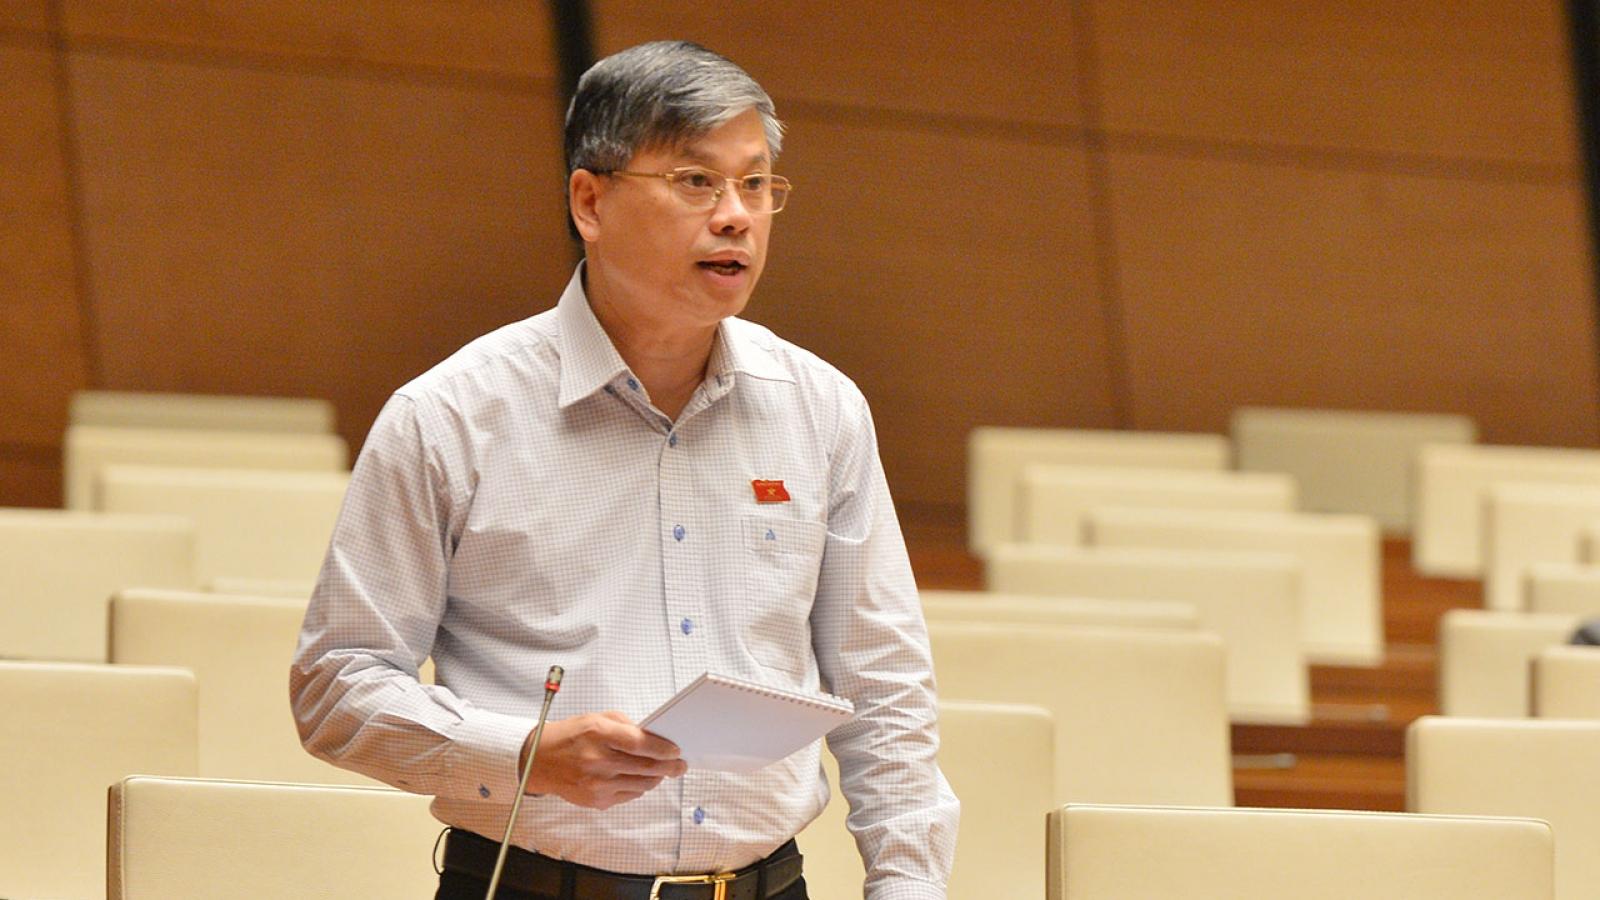 ĐBQH Nguyễn Sỹ Cương: Người dân nên cảnh giác, tránh xa tín dụng đen!